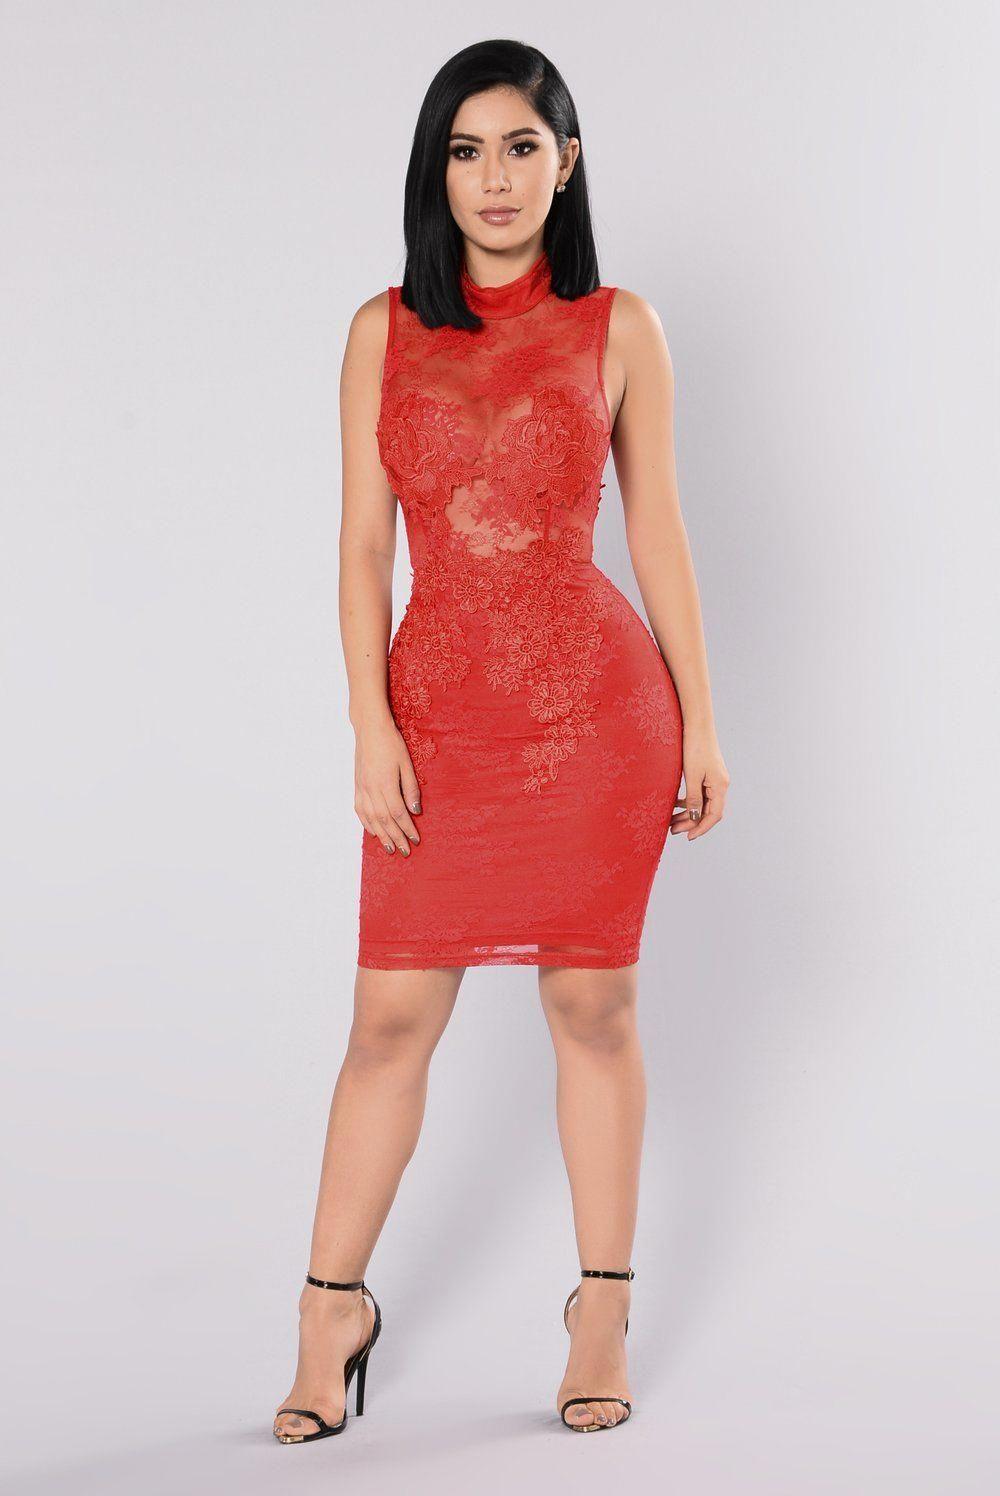 Private Invitation Dress Fashion Nova Paper Dress Fashion